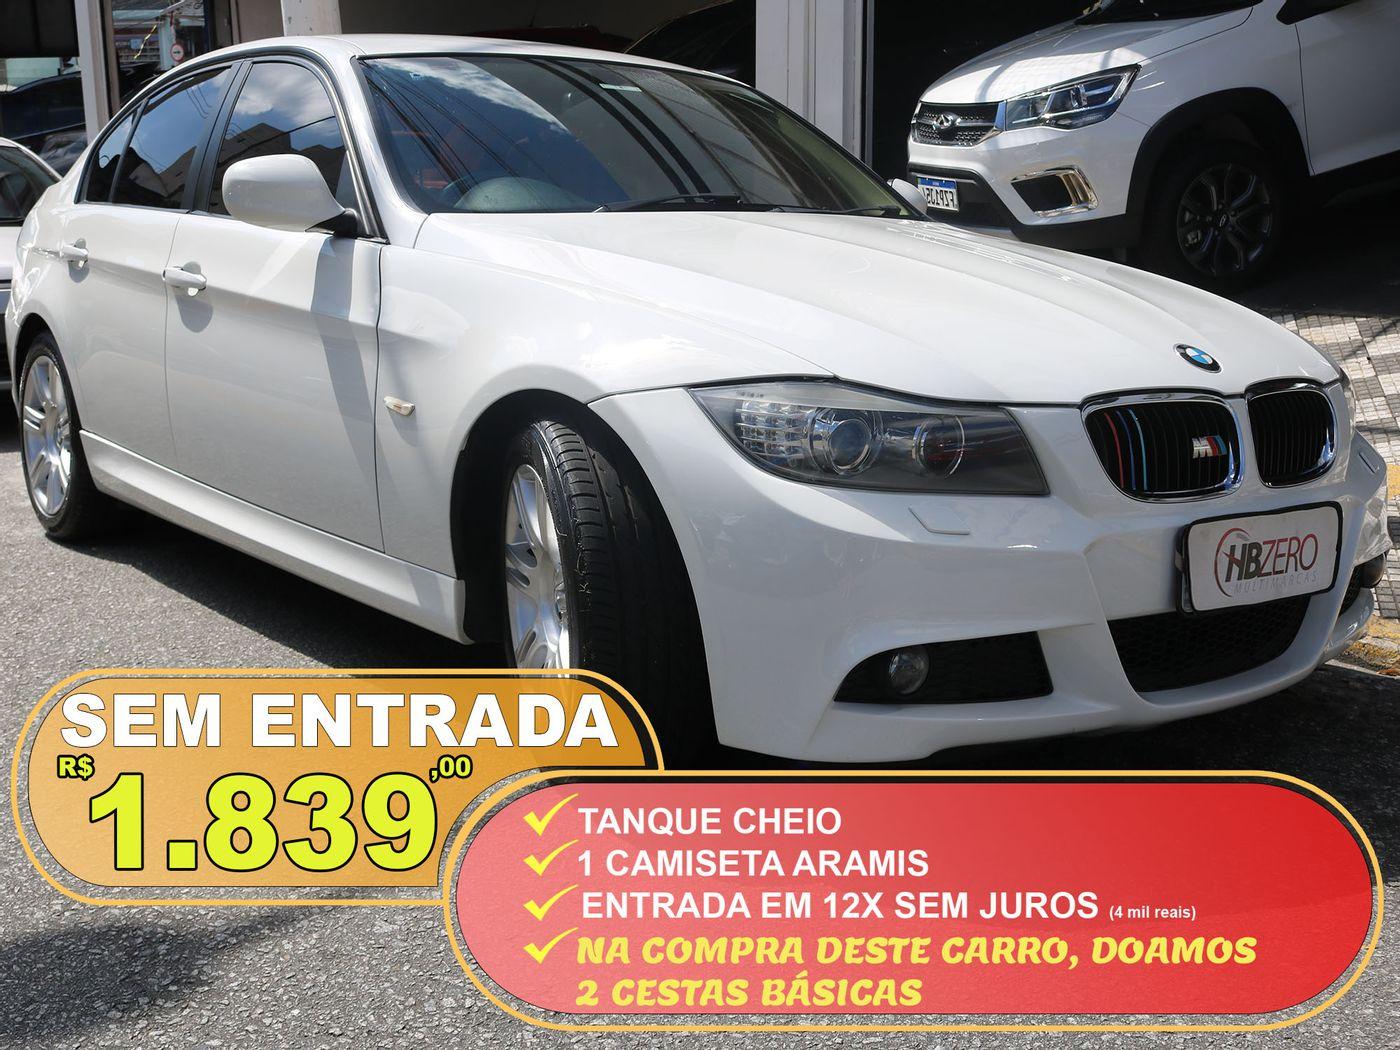 BMW 318iA 2.0 16V 136cv 5p